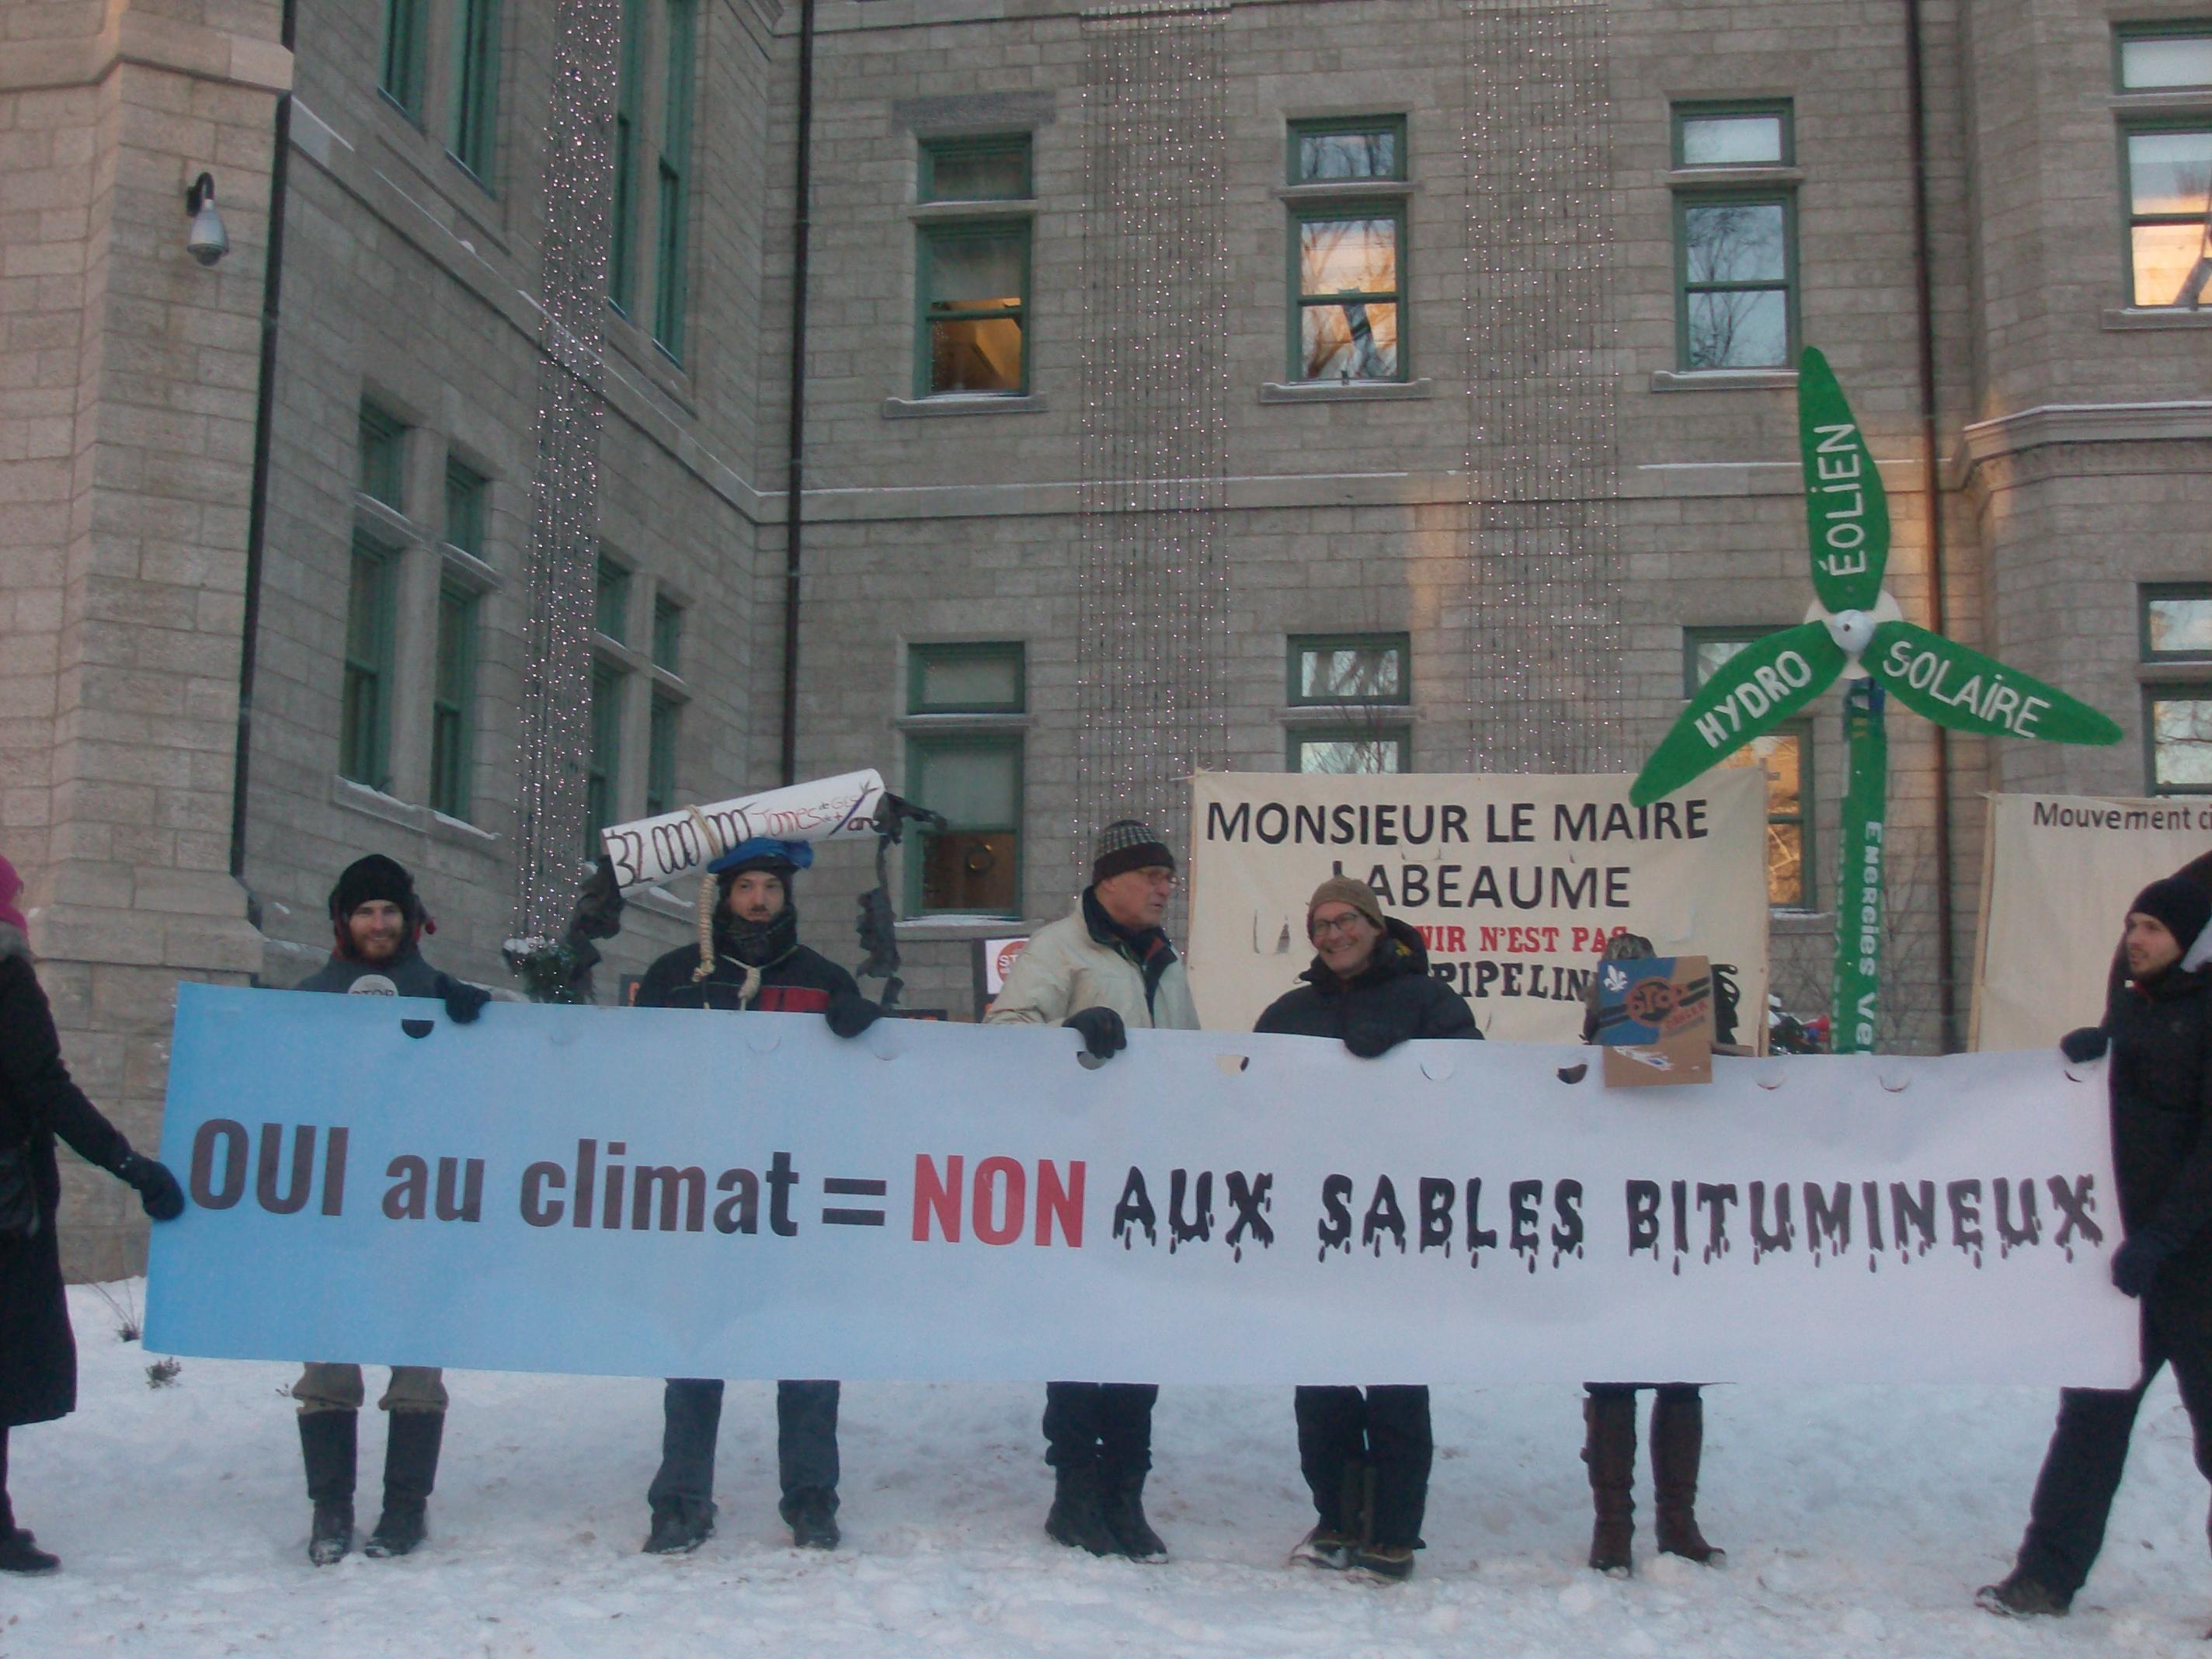 Rassemblement devant l'Hôtel de ville de Québec, lundi 15 février 2016.    Photo: Nathalie Côté